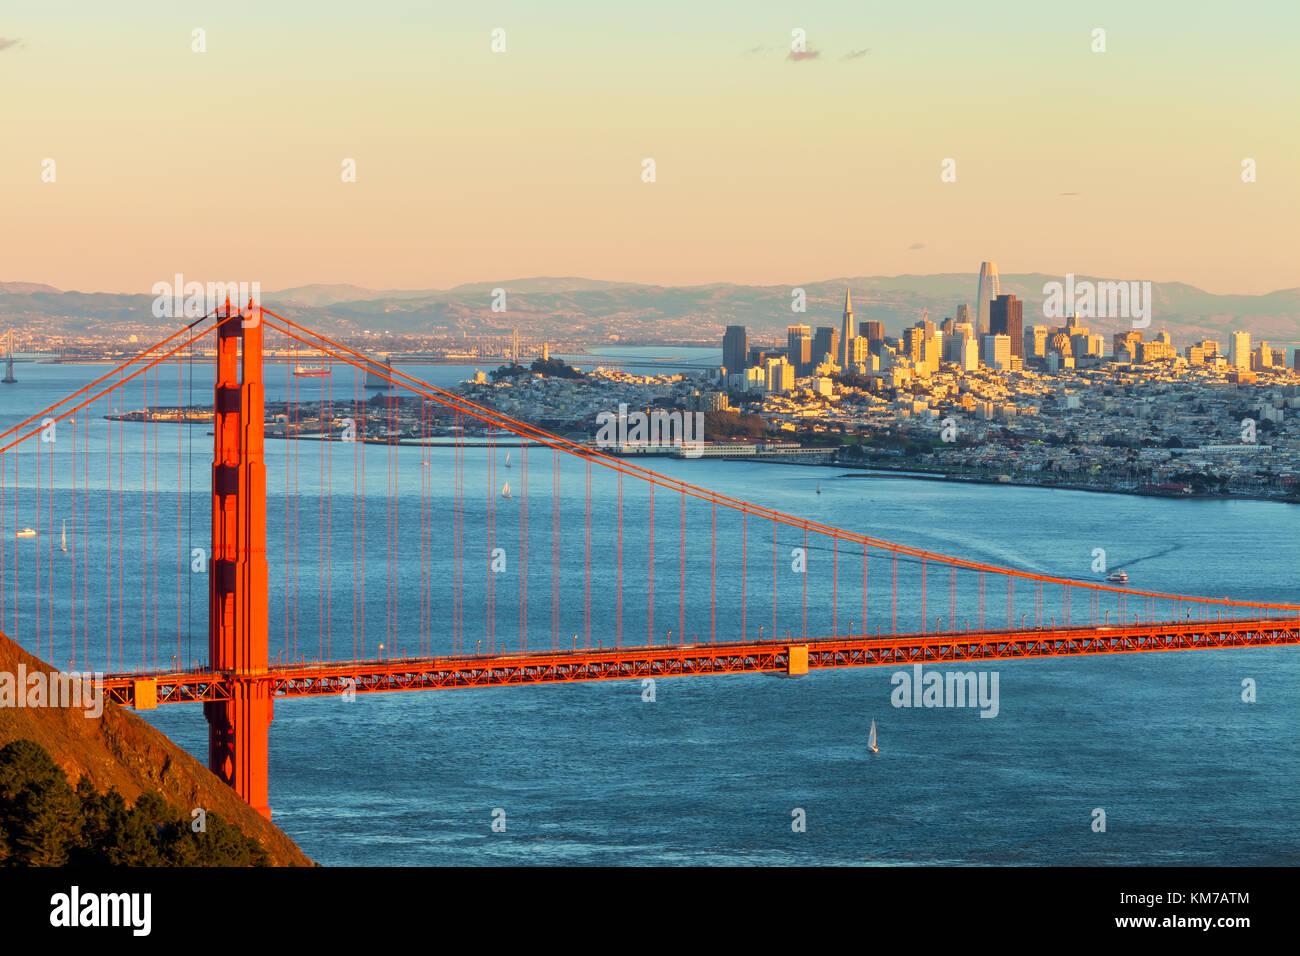 Le golden gate bridge, avec l'éclairage de la ville de San Francisco jusqu'au soir, la lumière Photo Stock